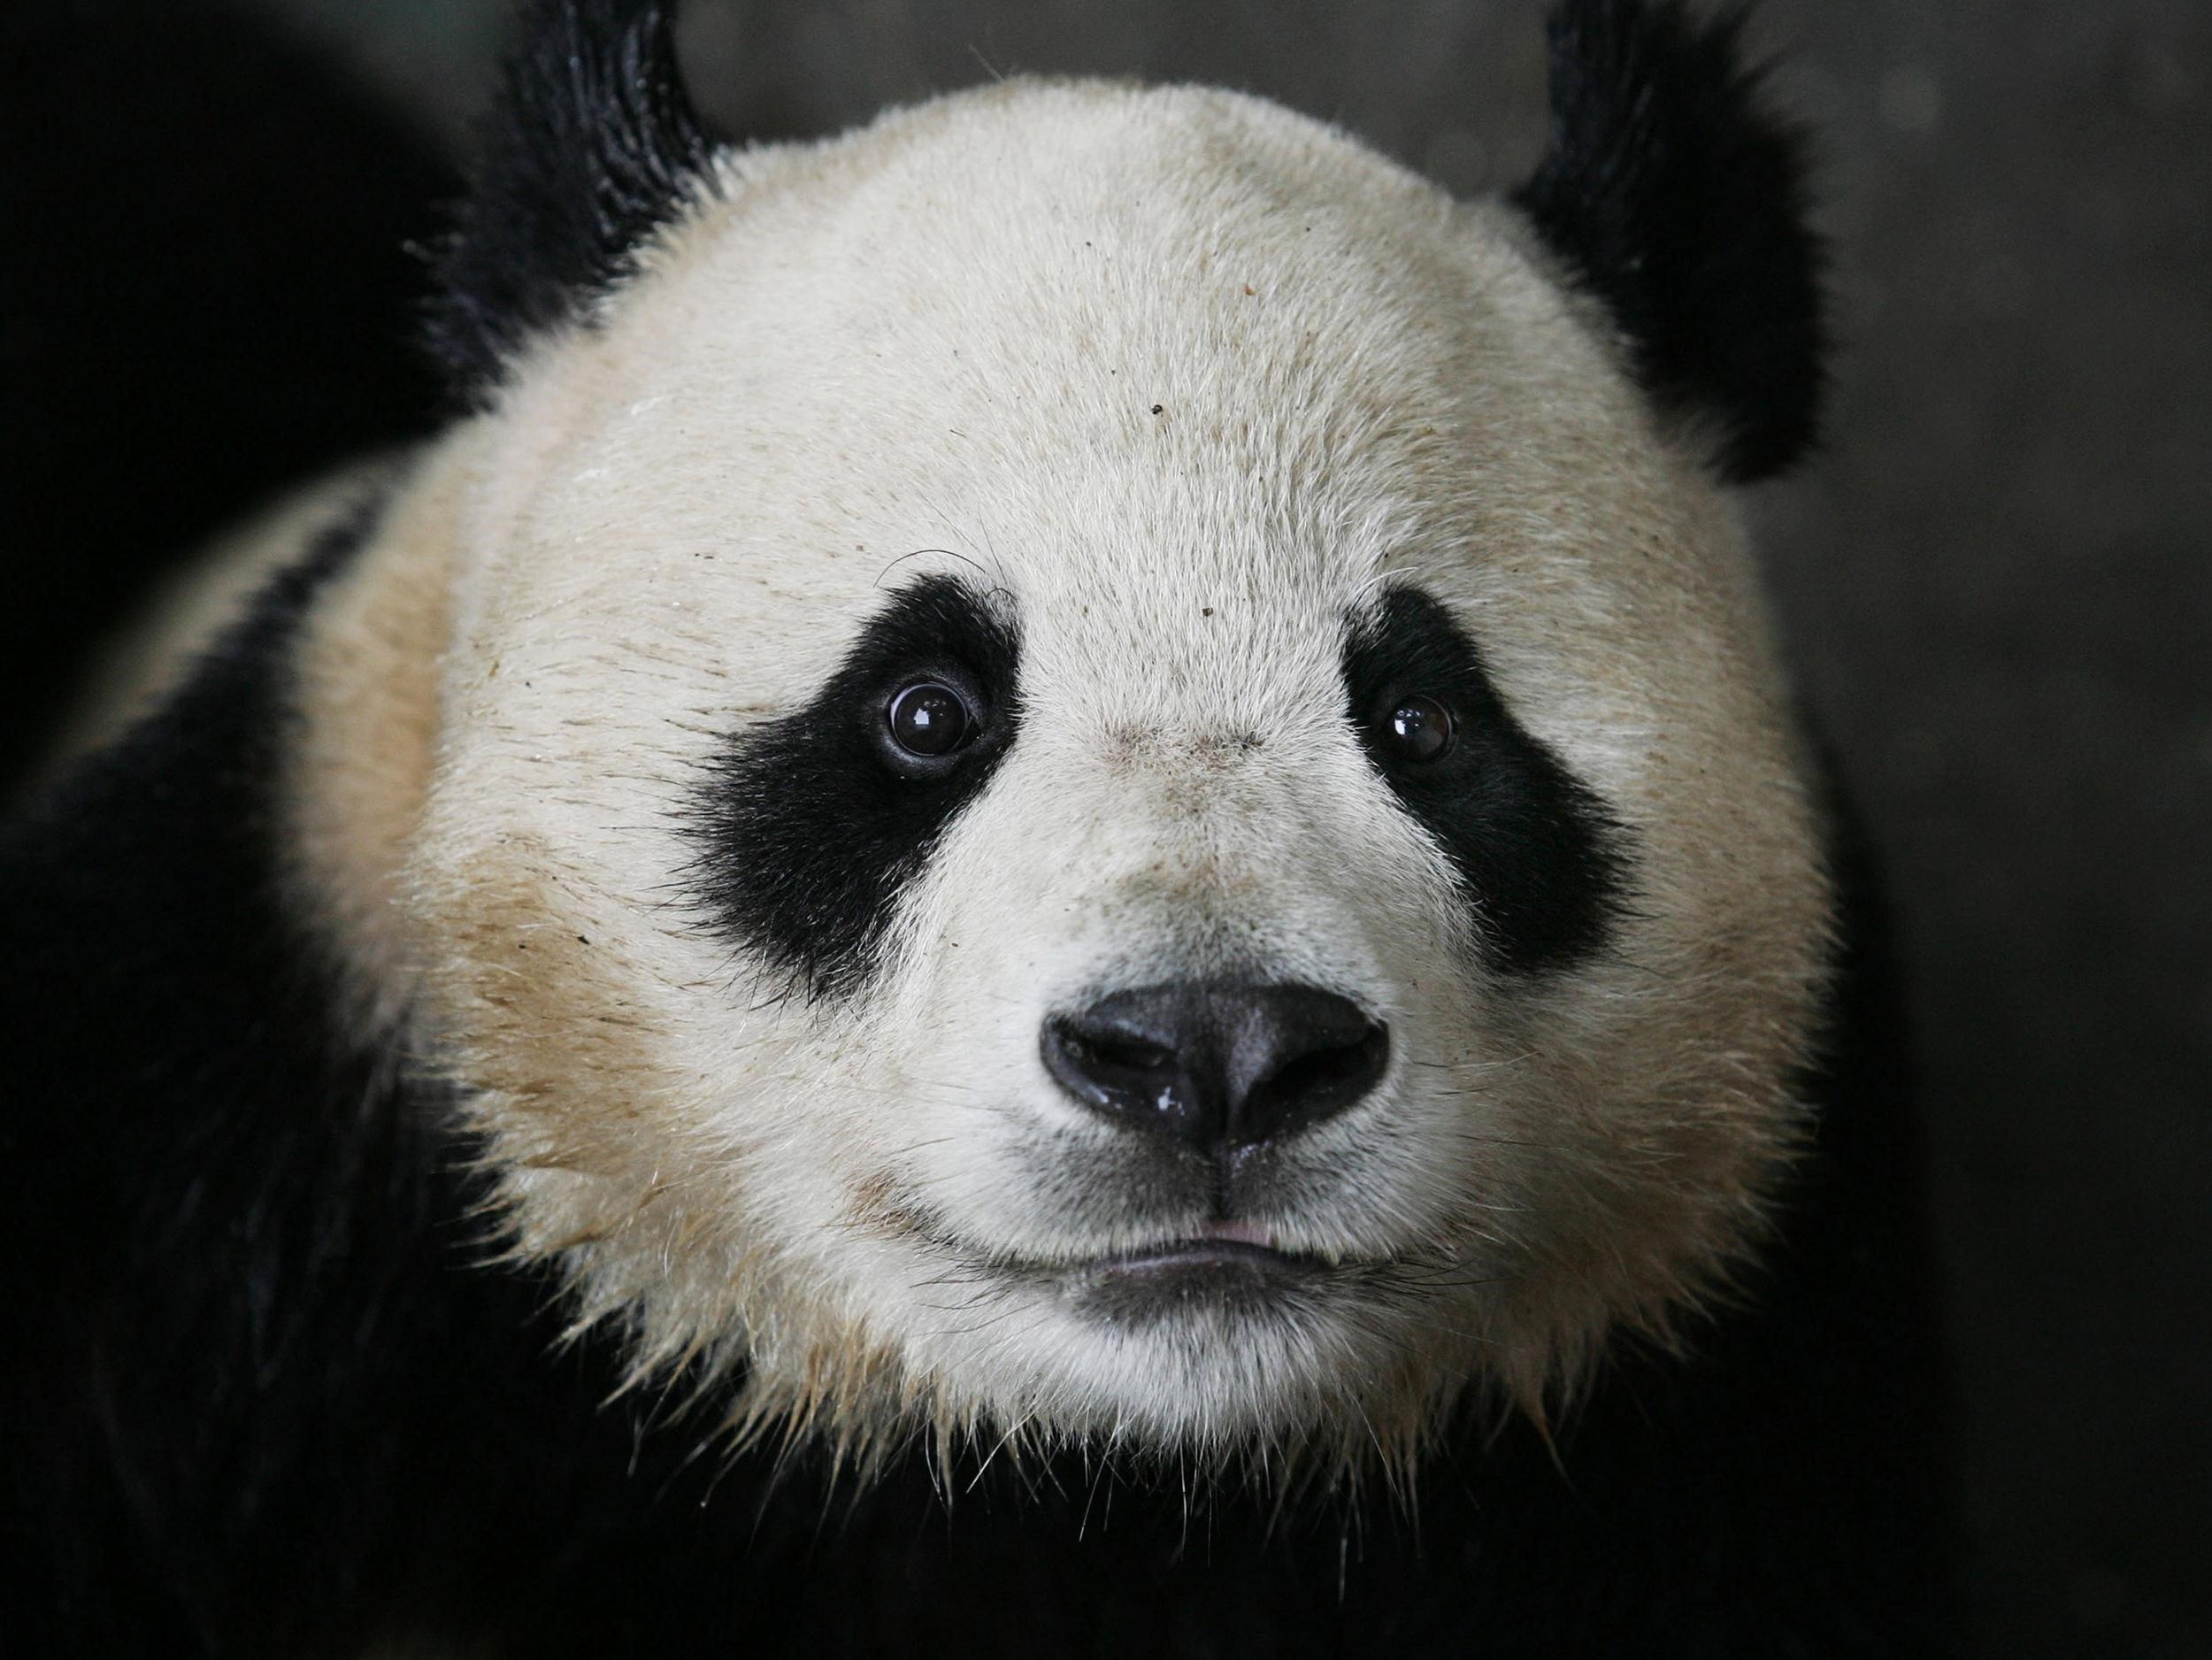 Panda Background images